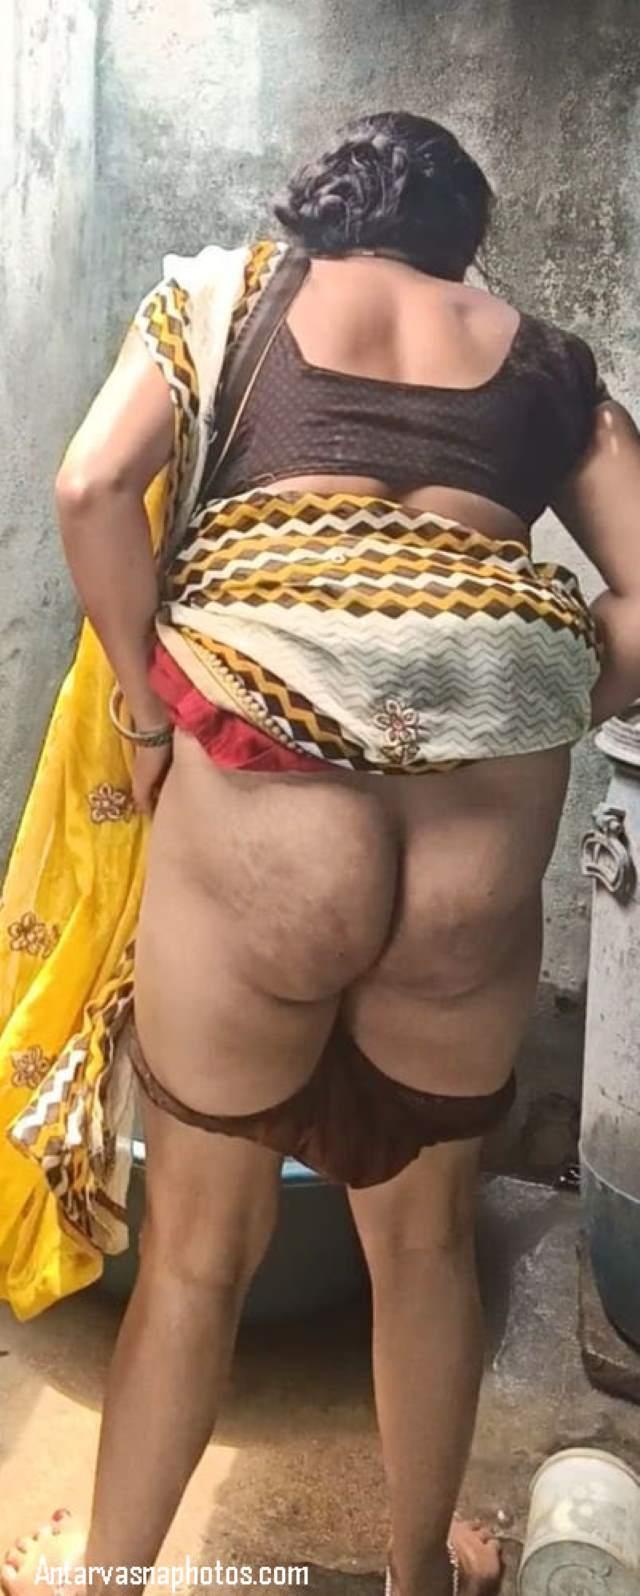 panty pahan rahi hai bhabhi